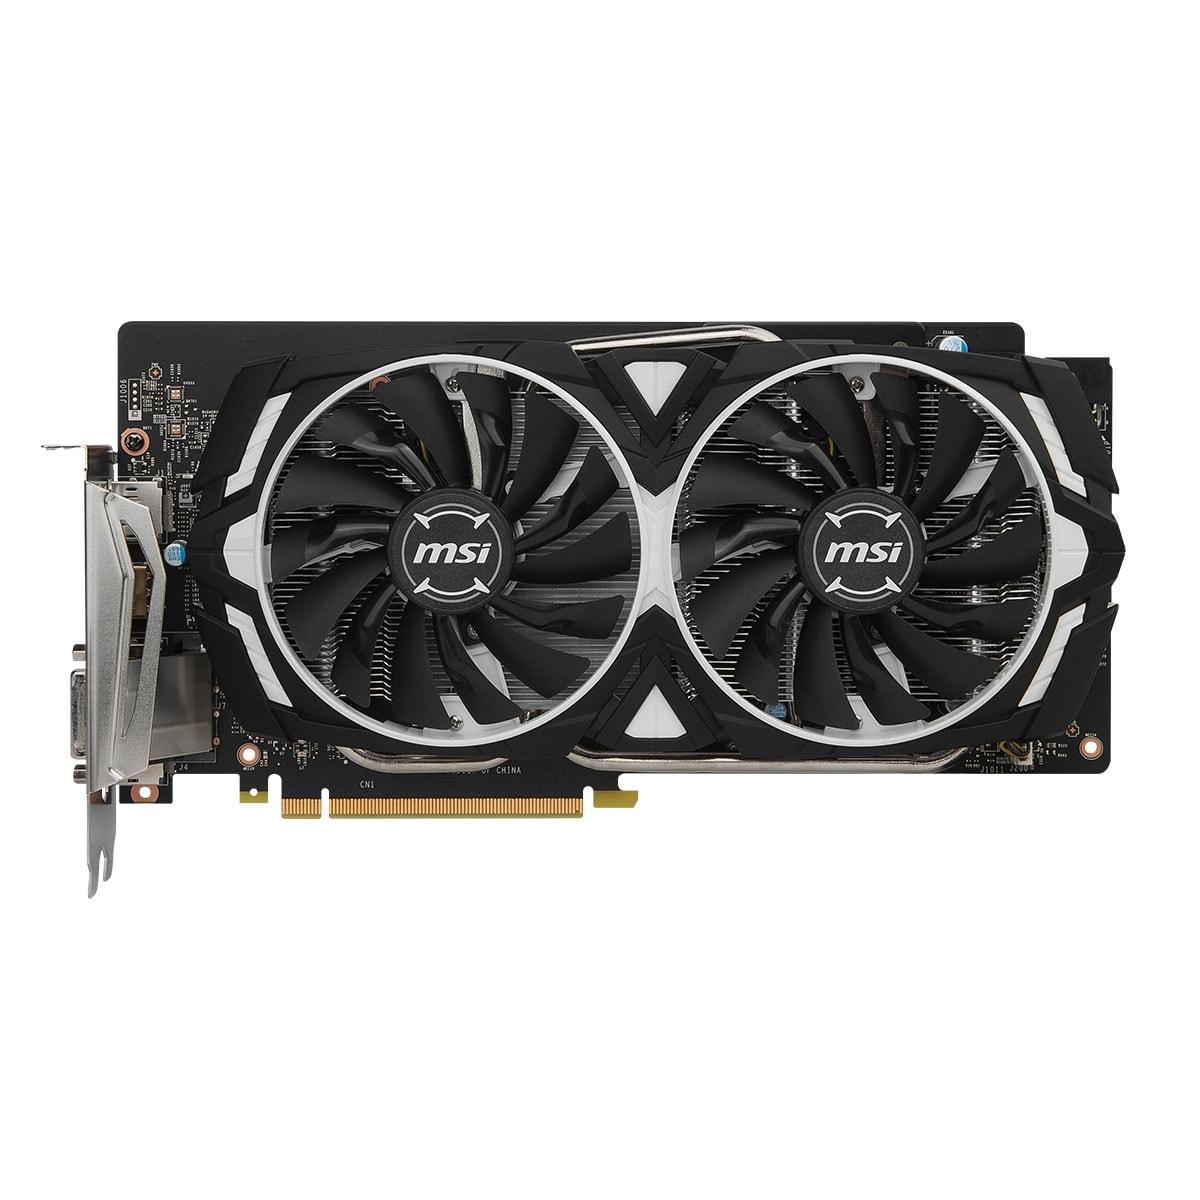 MSI nVidia GF GTX 1060 - 8Go - carte Graphique pour Gamer - GPU nVidia - 3